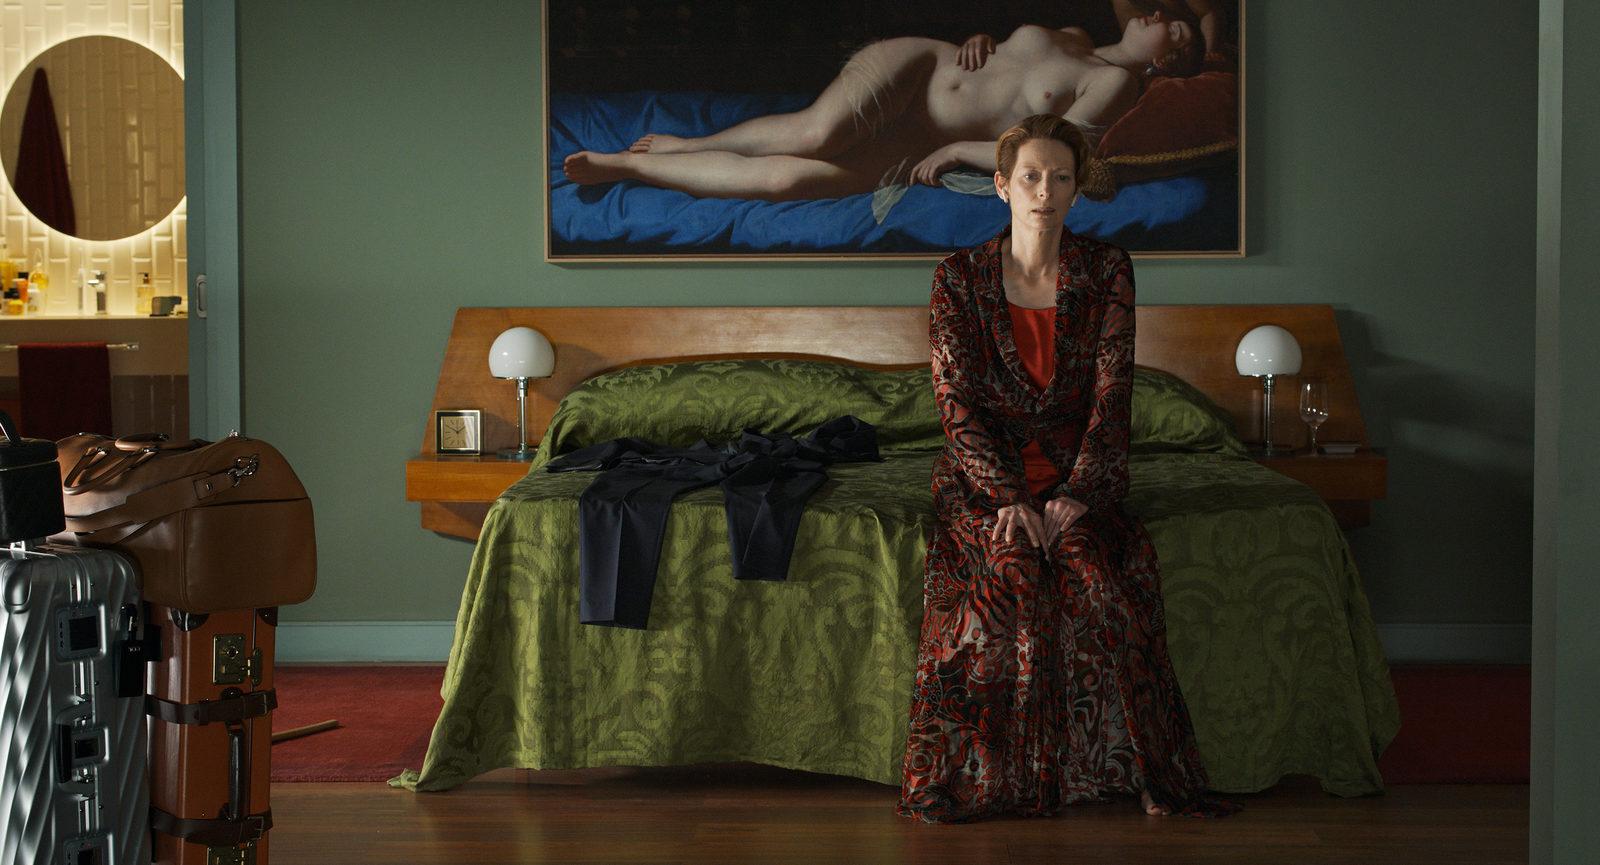 Тильда Суинтон ждет мужчину в трейлере нового фильма Педро Альмодовара